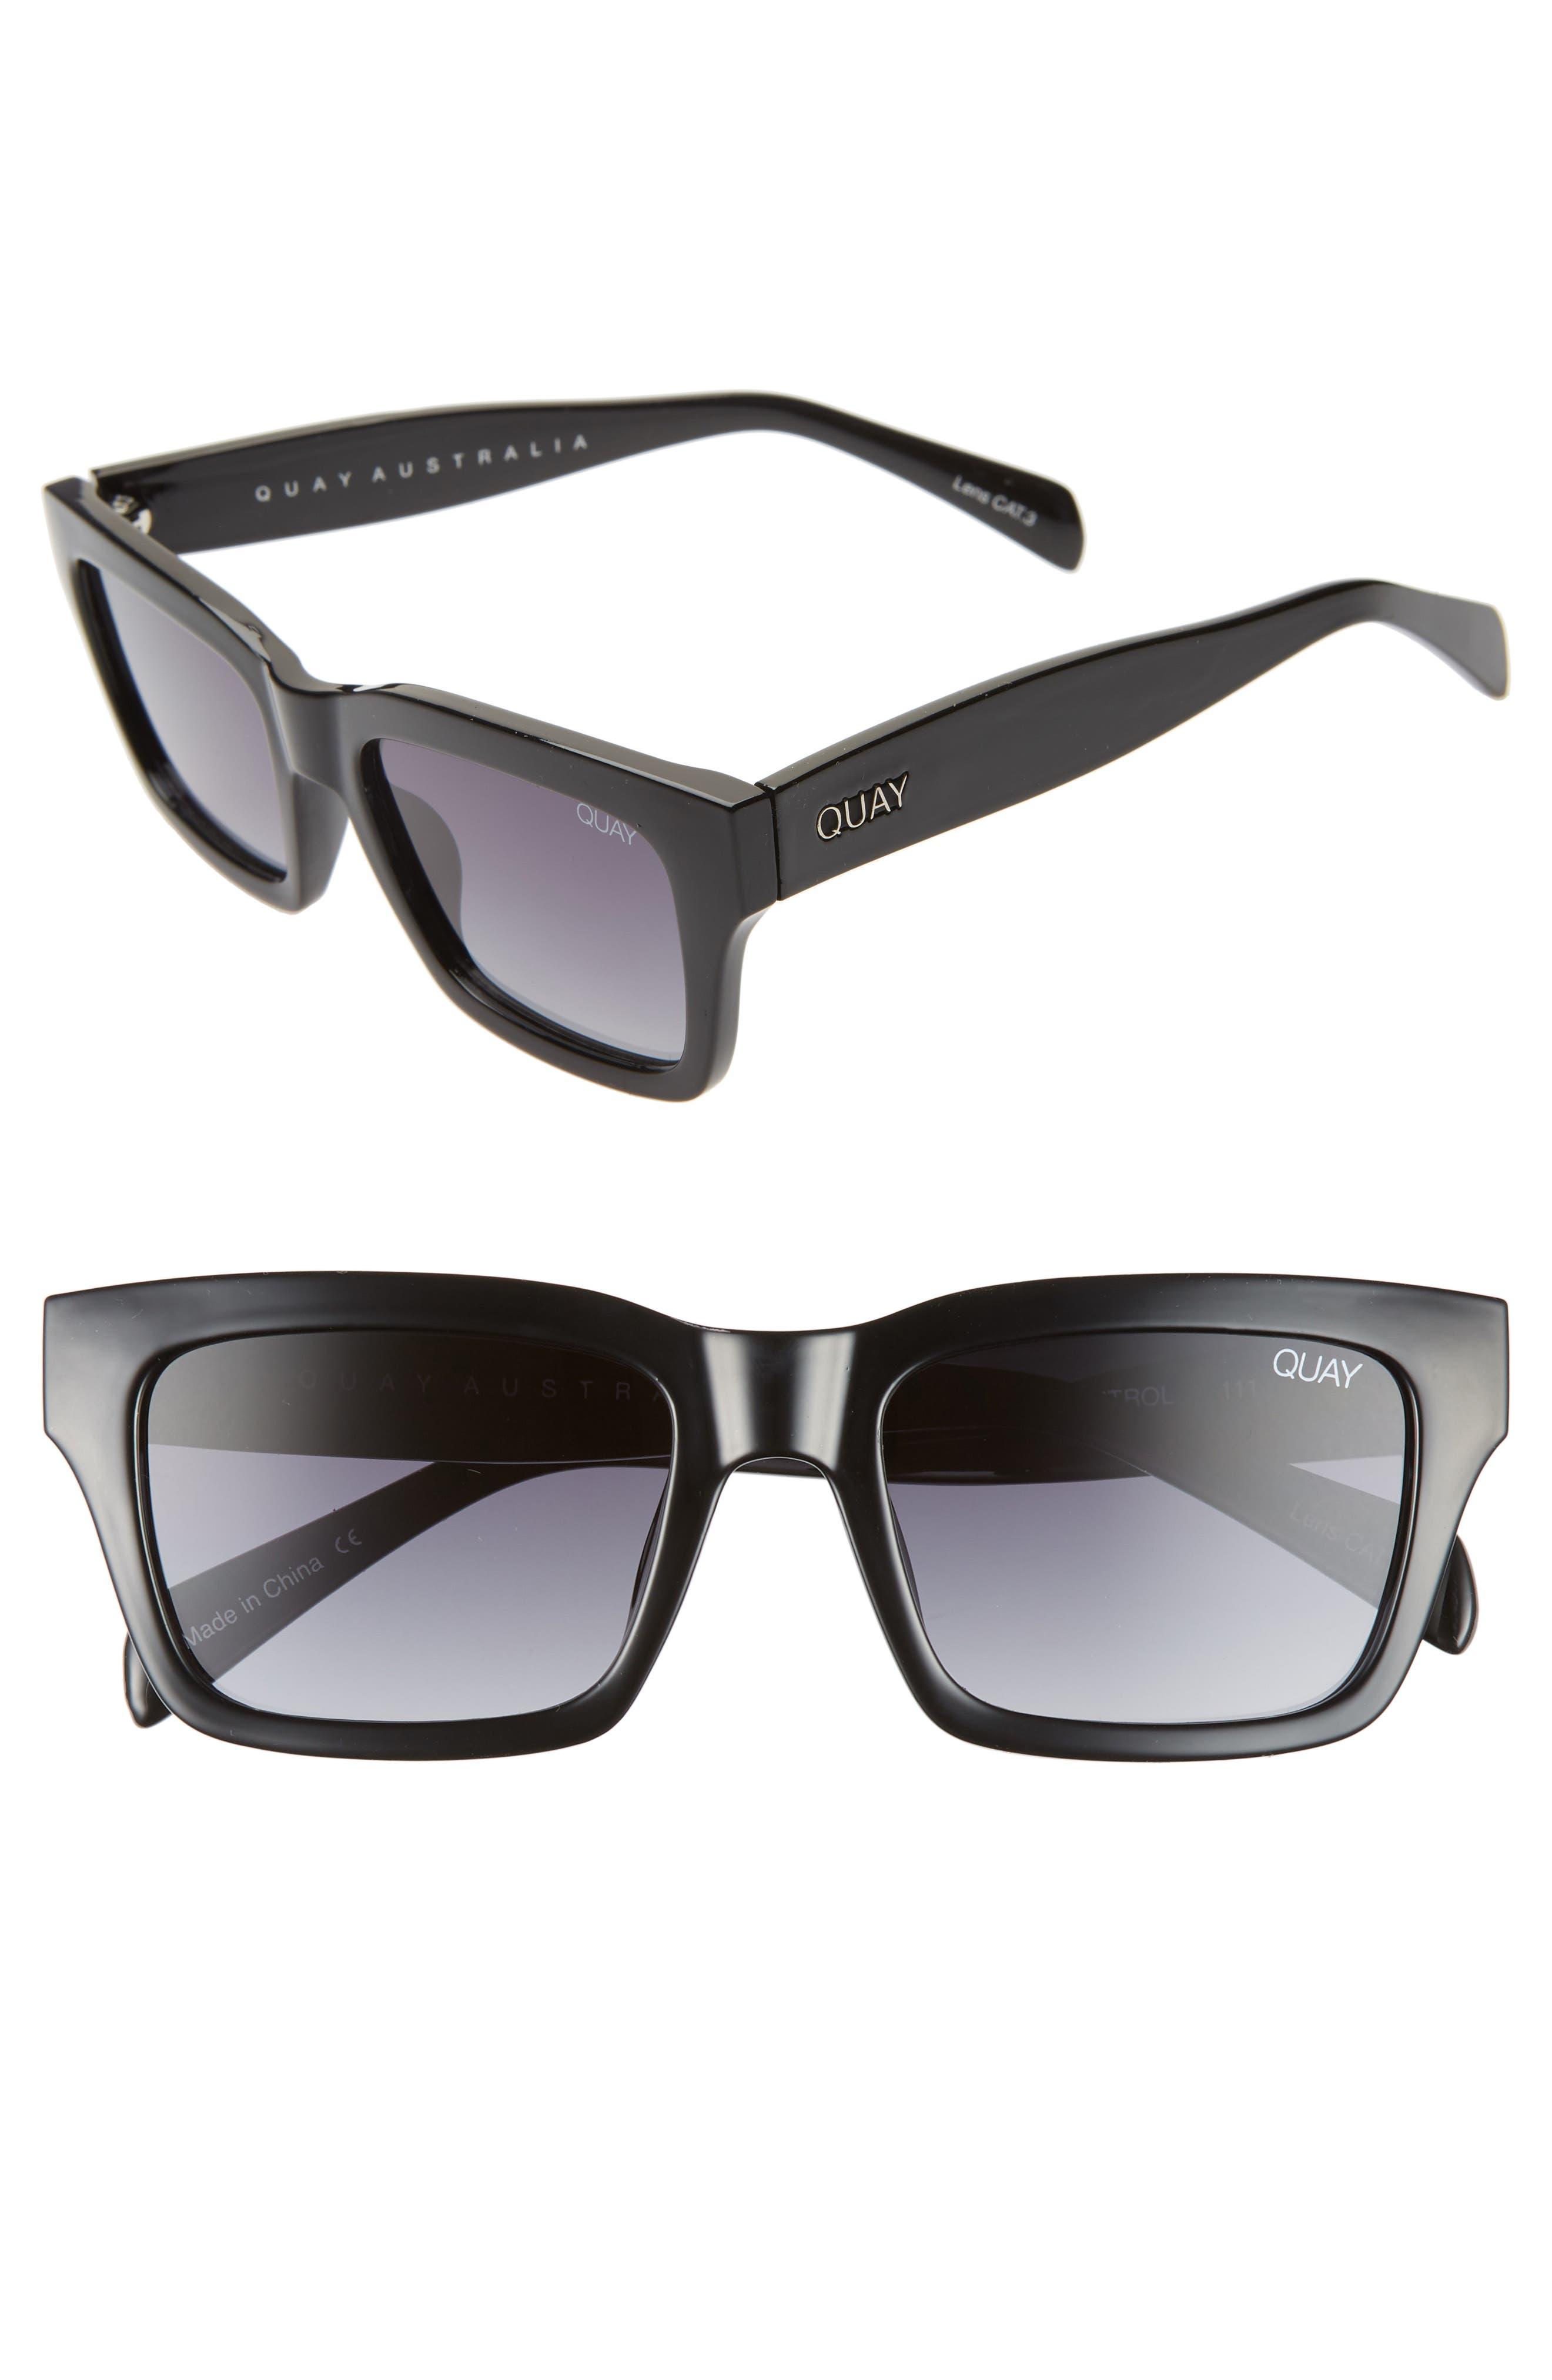 Quay Australia In Control 4m Rectangle Sunglasses - Black/ Smoke